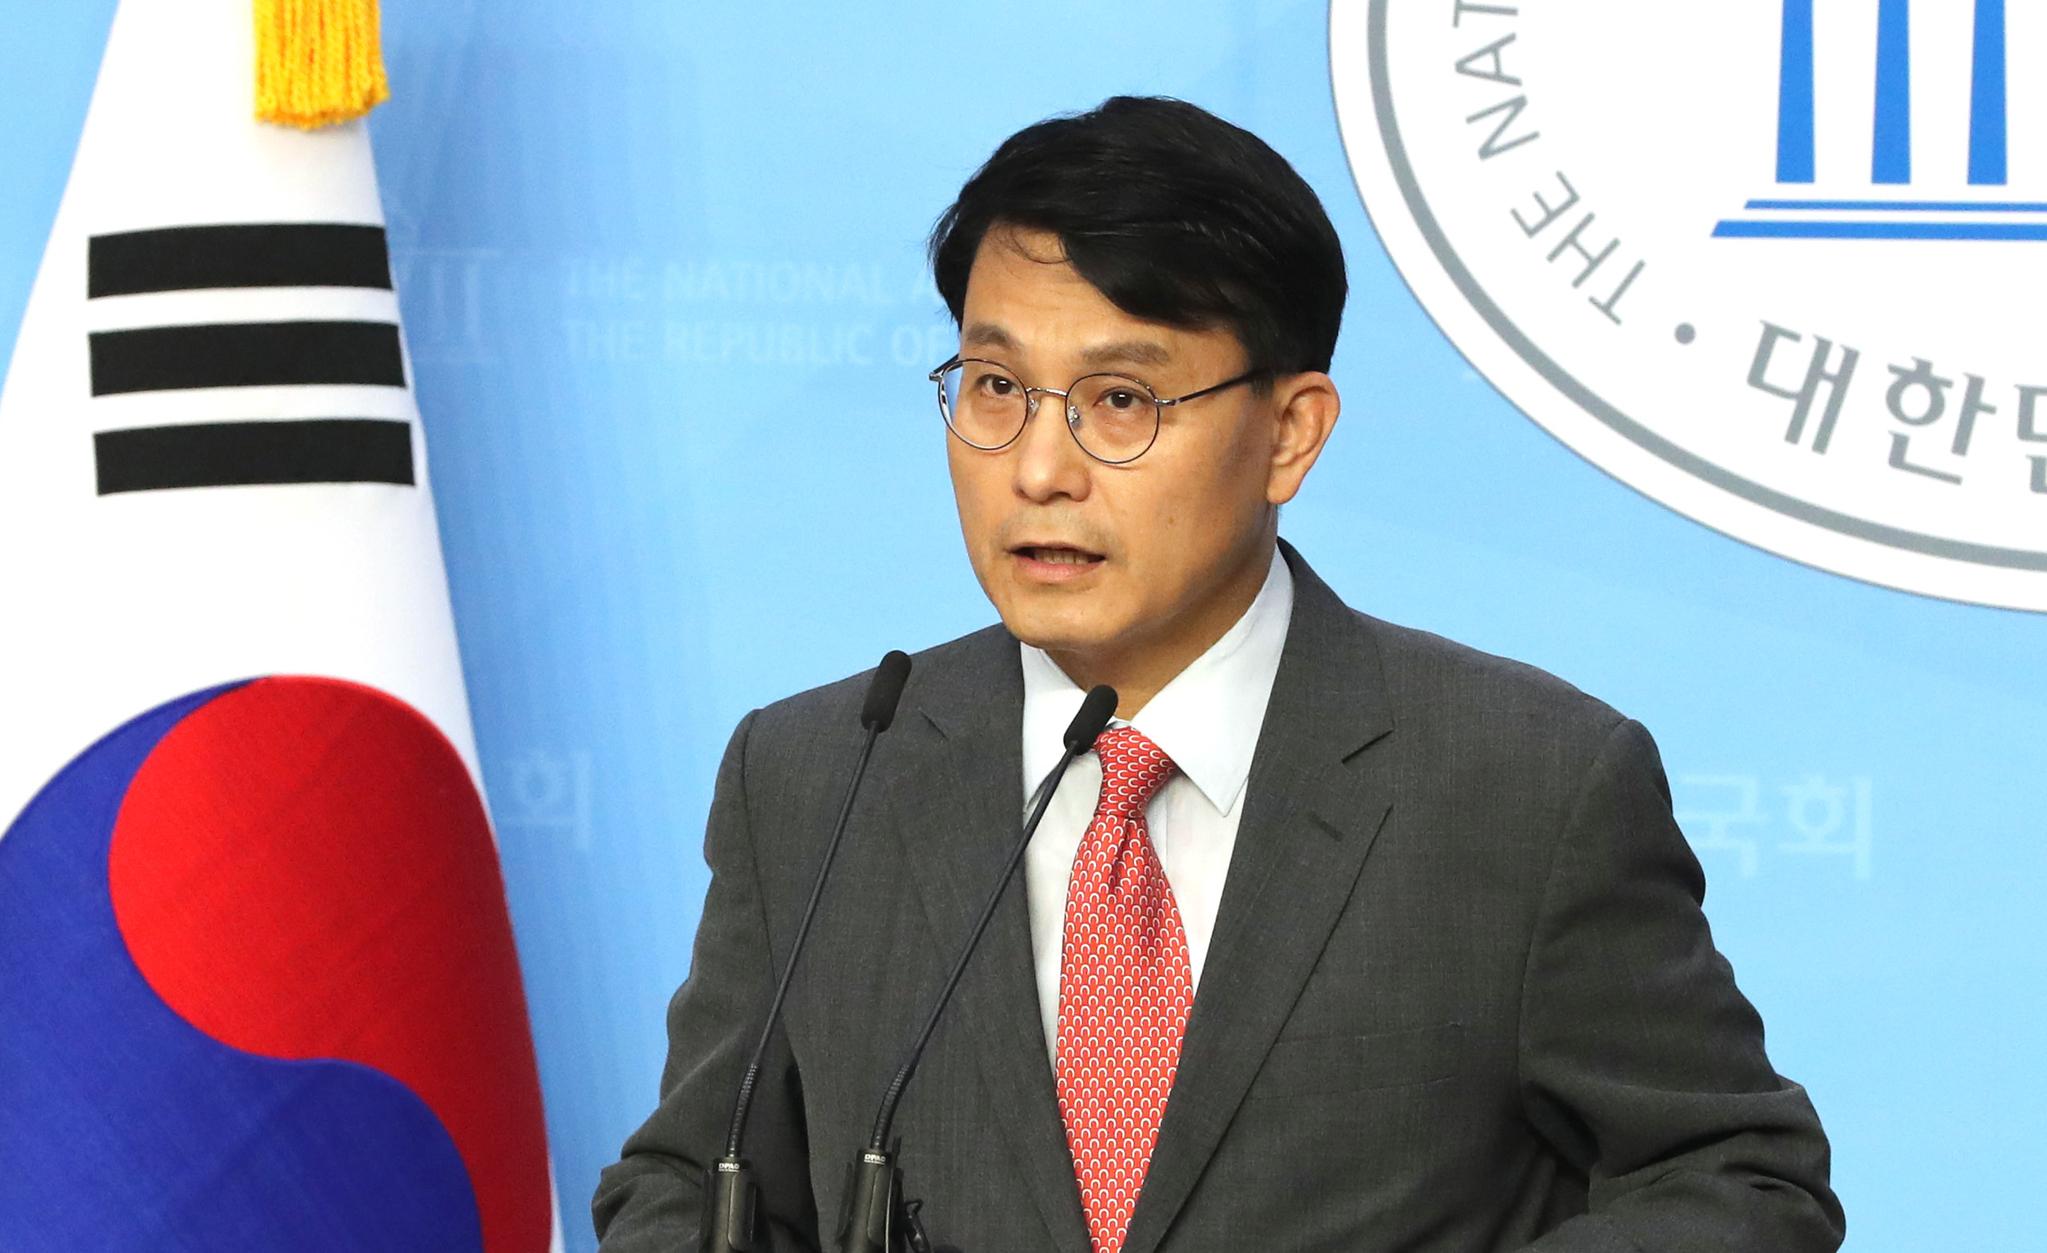 윤상현 무소속 의원. 연합뉴스